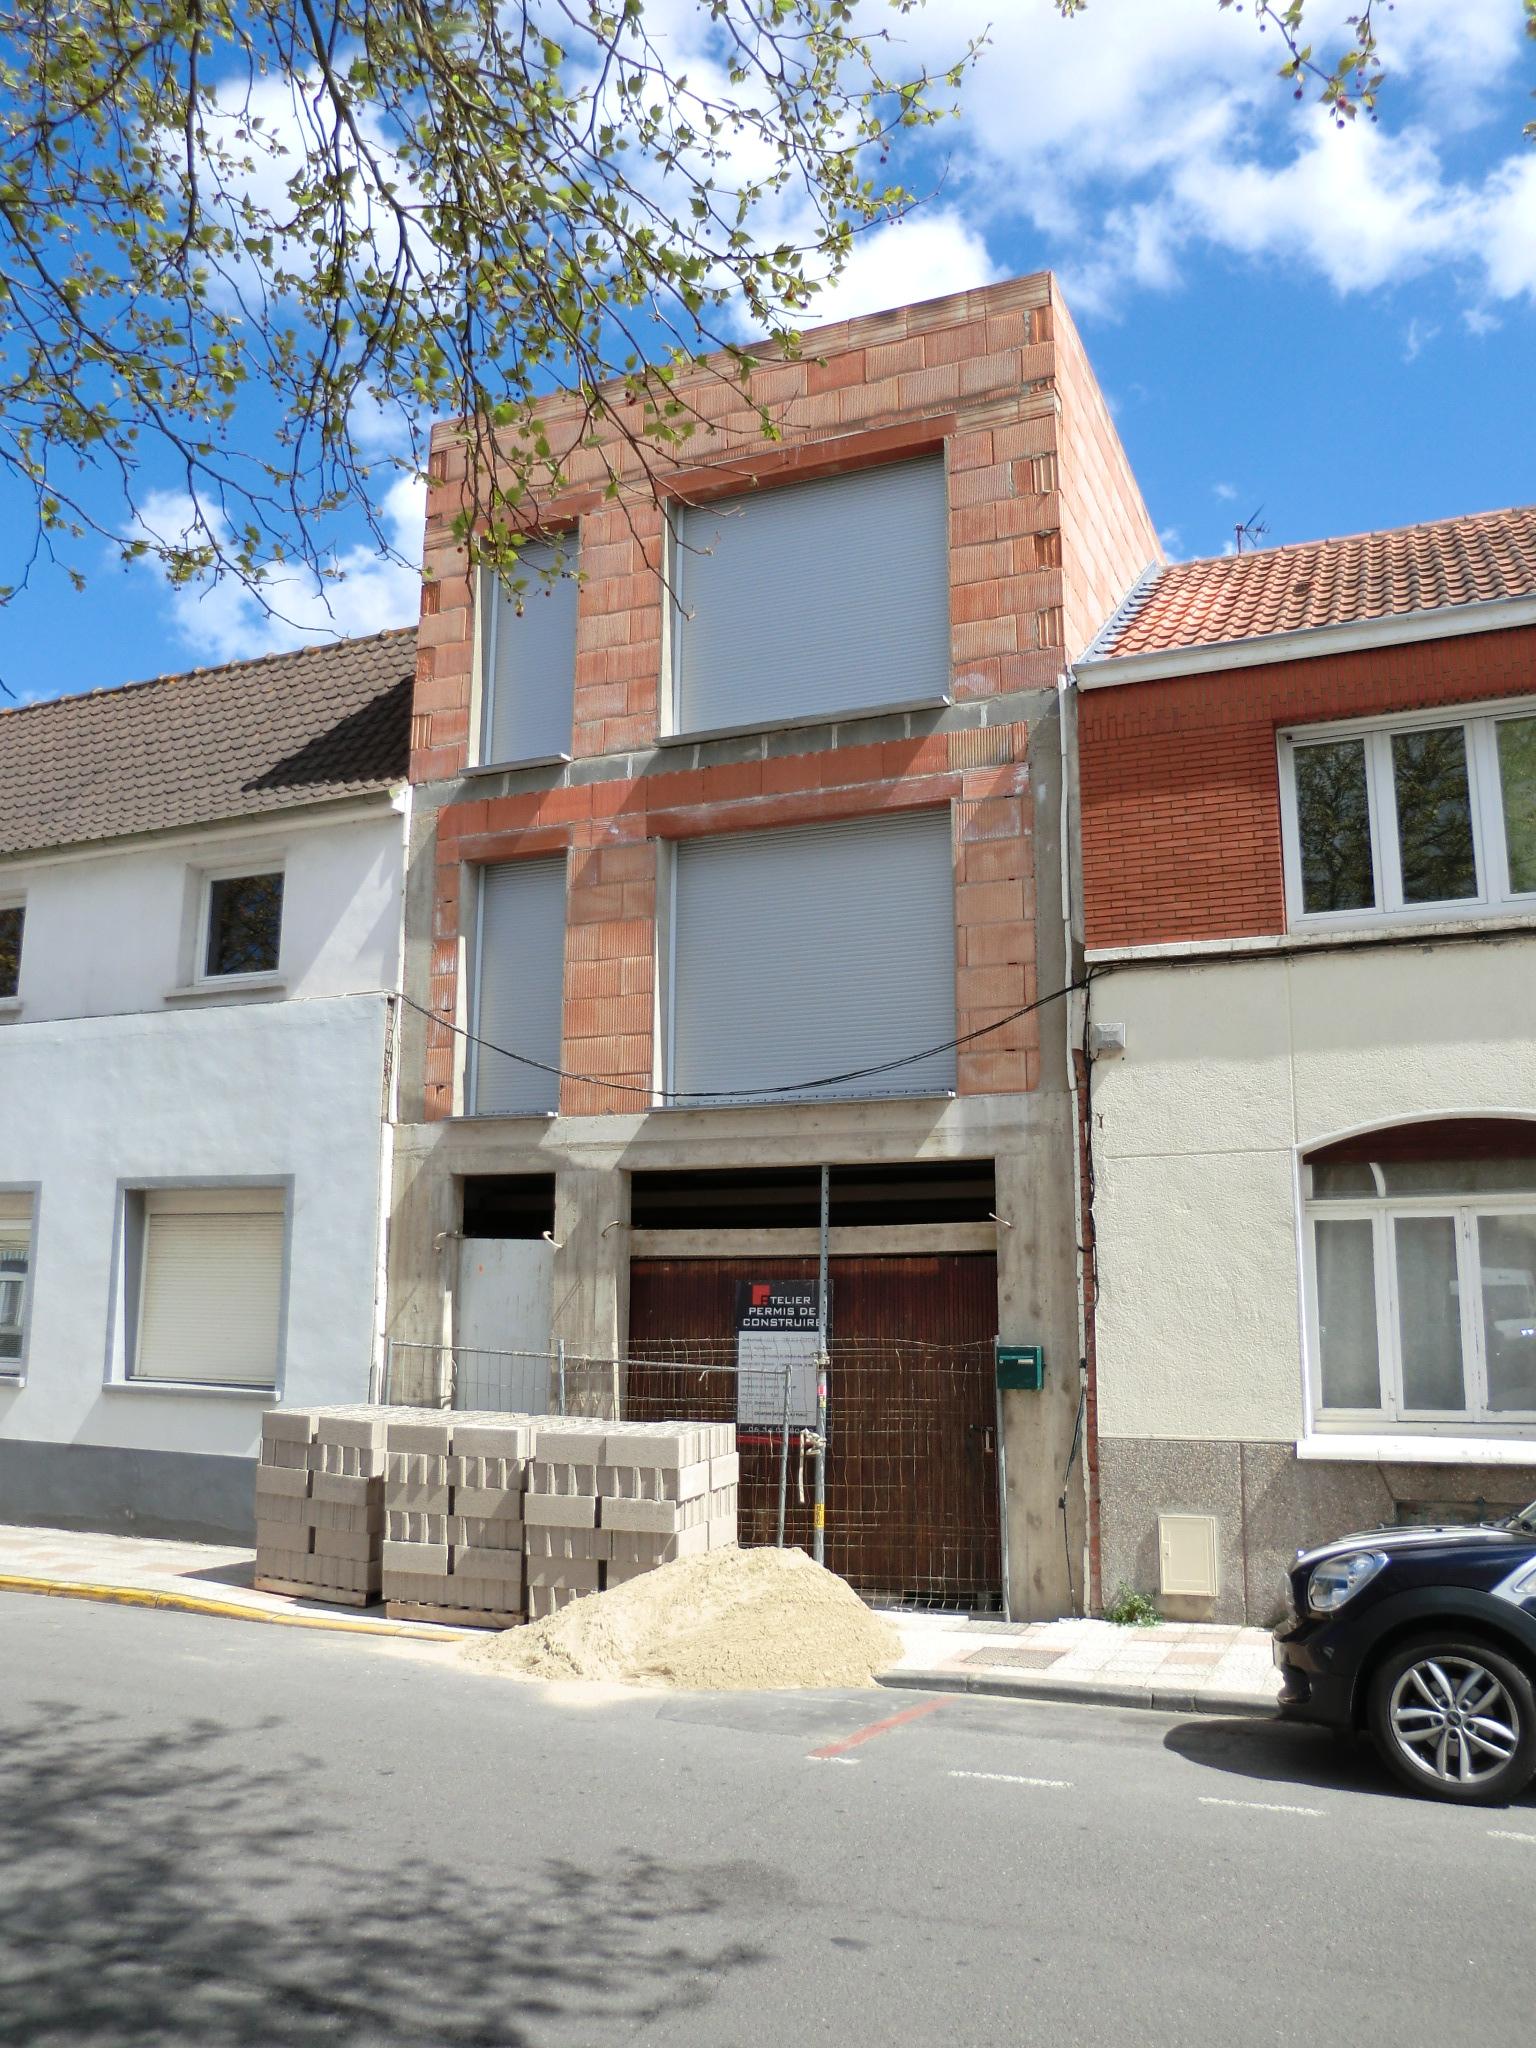 Constructeur maison individuelle dunkerque ventana blog for Constructeur de maison individuelle 59